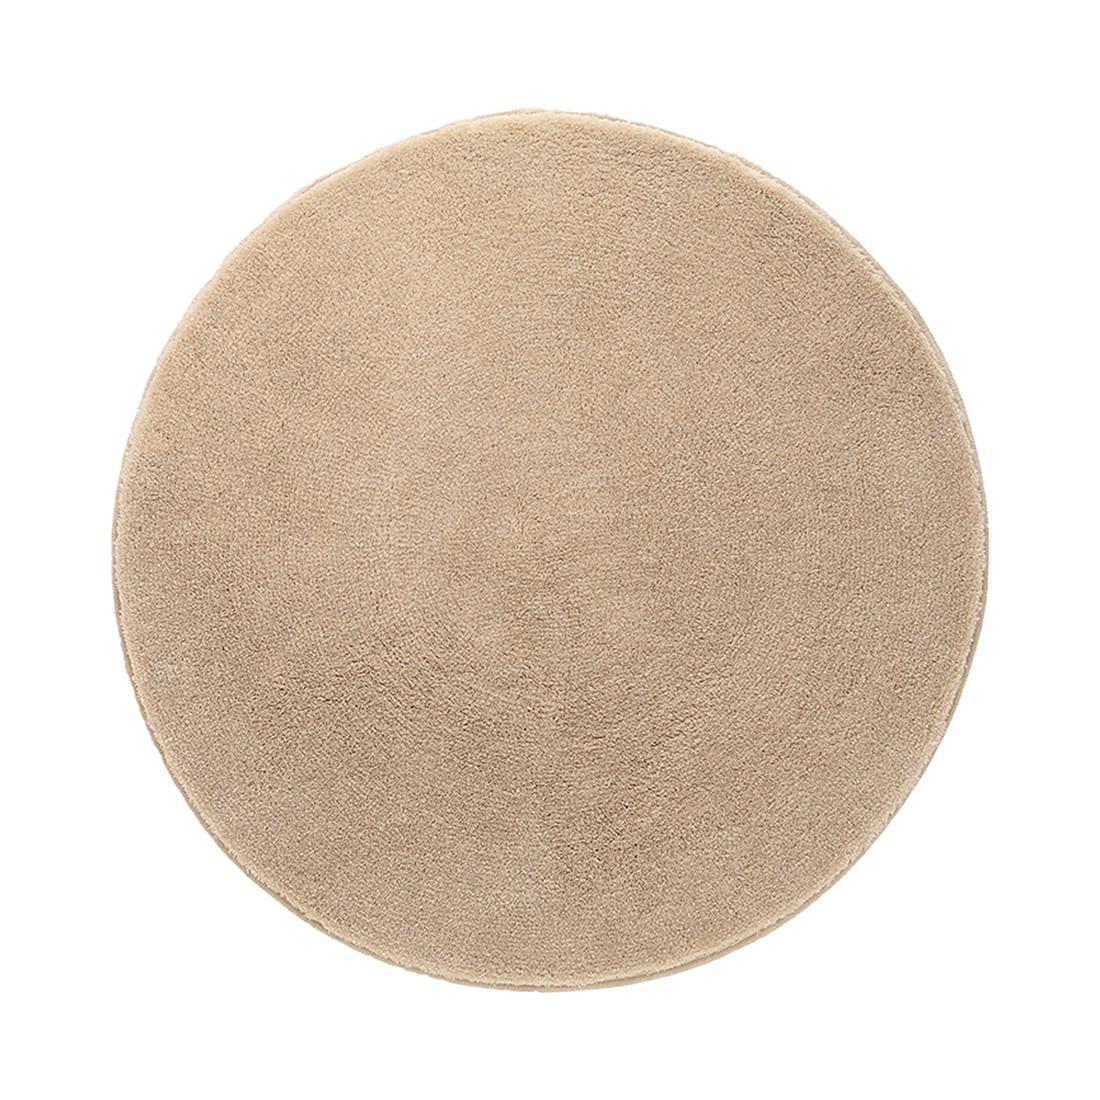 Badteppich Comfort -Sand - Rund, Grund